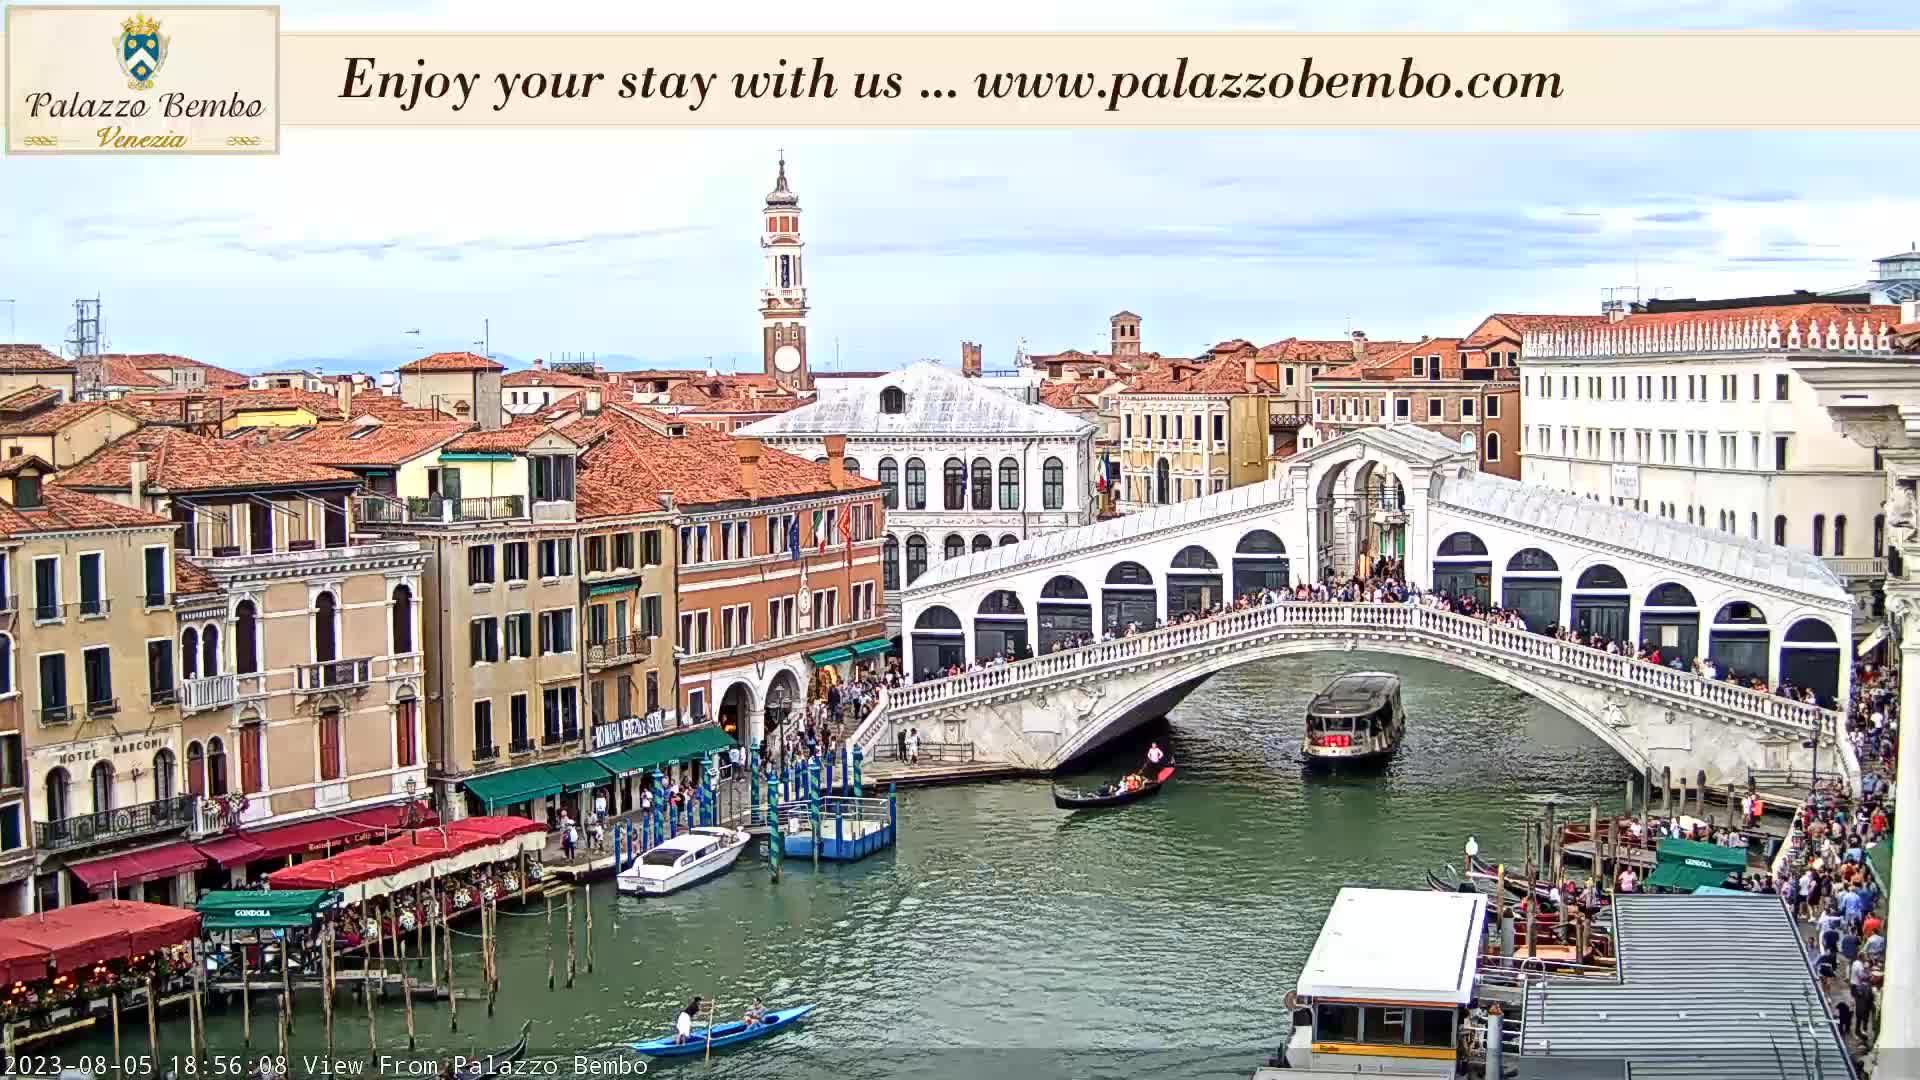 Venice Mon. 18:56